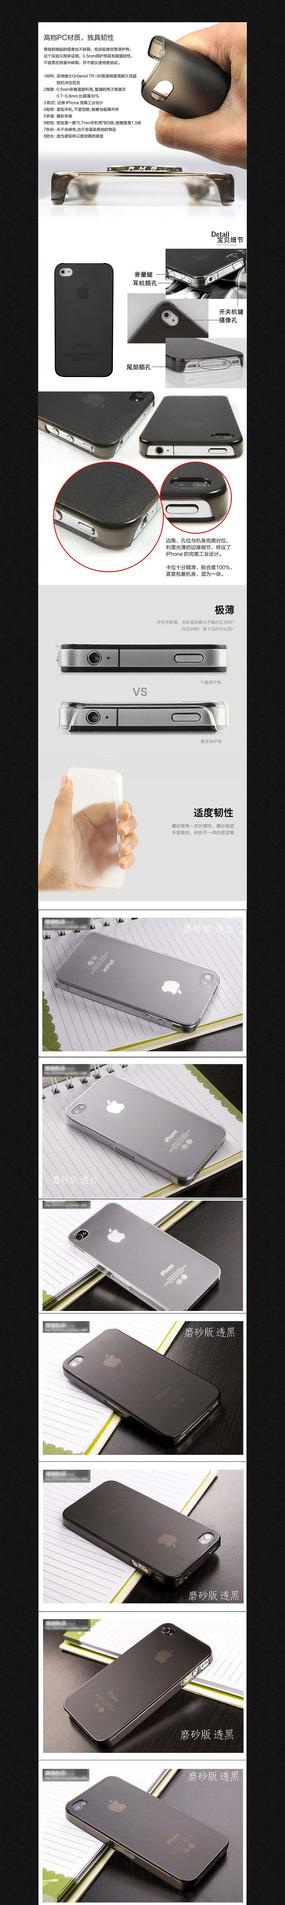 淘宝手机壳装修